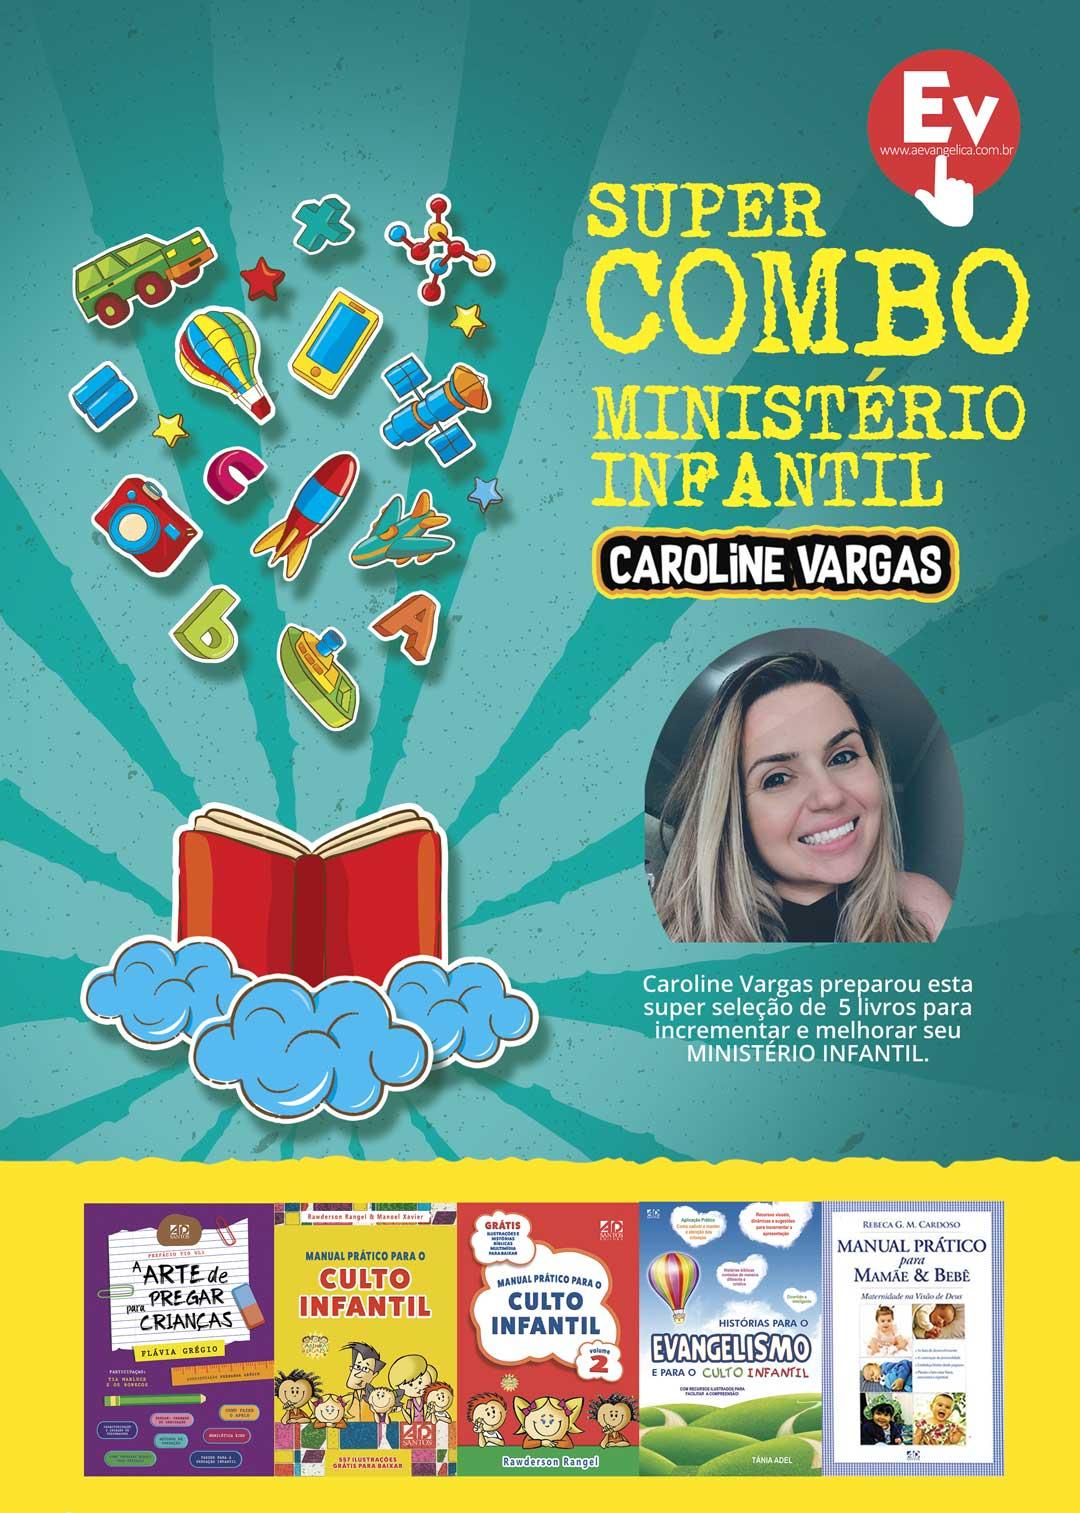 Super COMBO Ministério Infantil   by Caroline Vargas